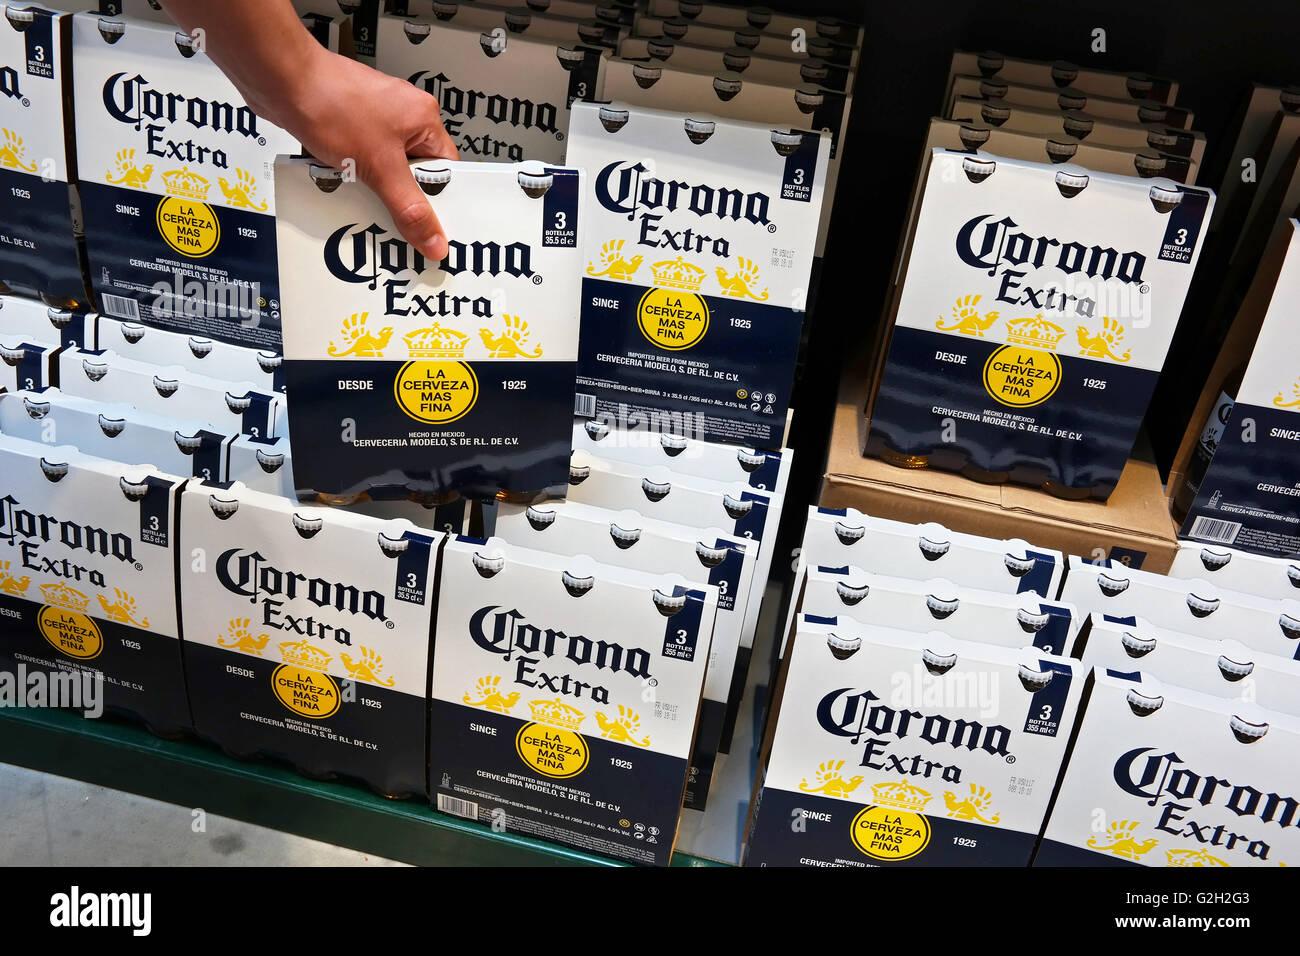 Ripiani con corona 3pack imballaggi di birra in un supermercato. Immagini Stock